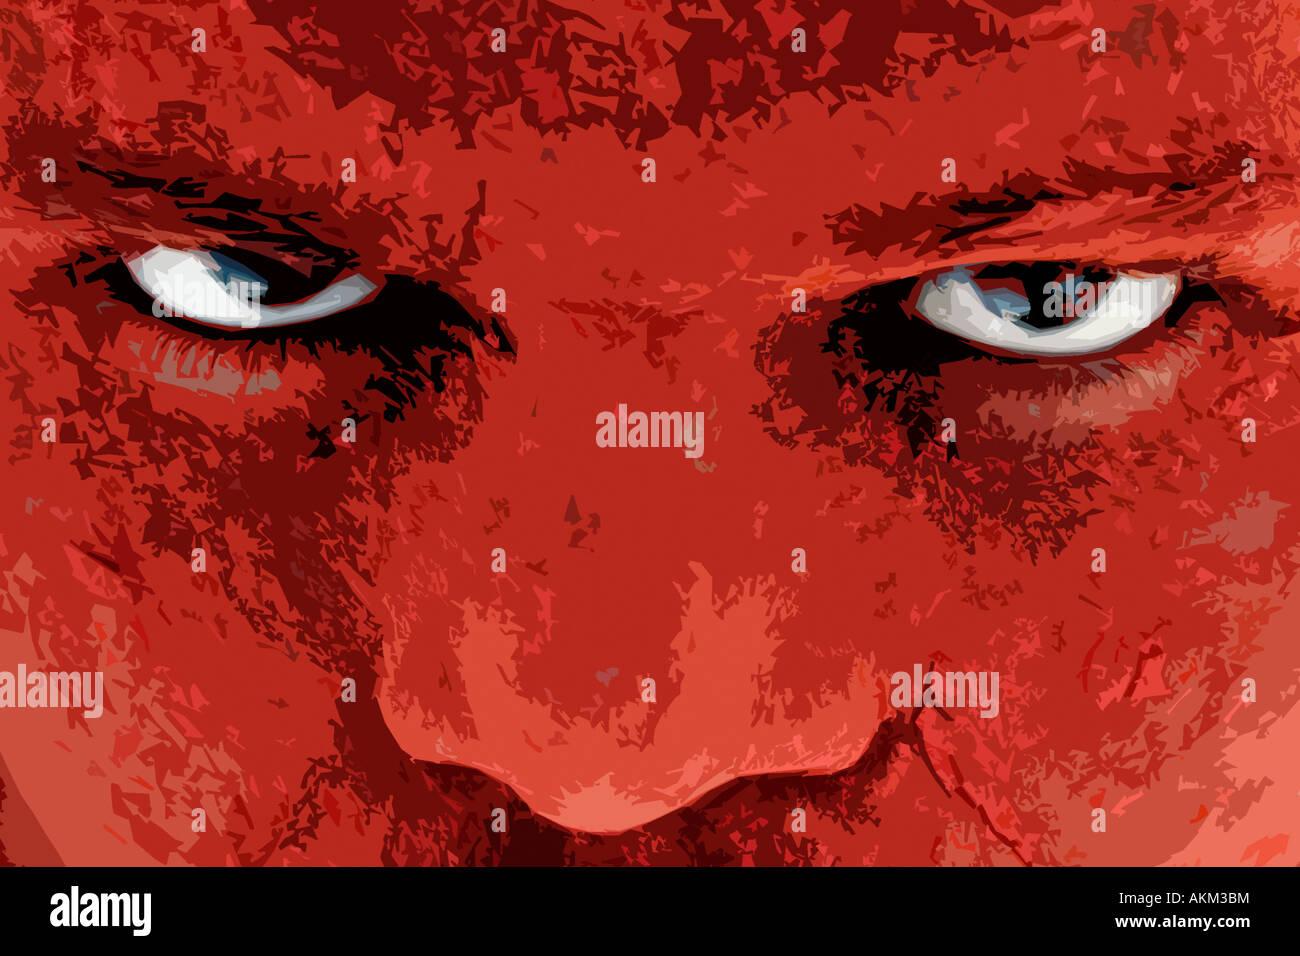 Böse rote starren indischen Gesicht Stockbild